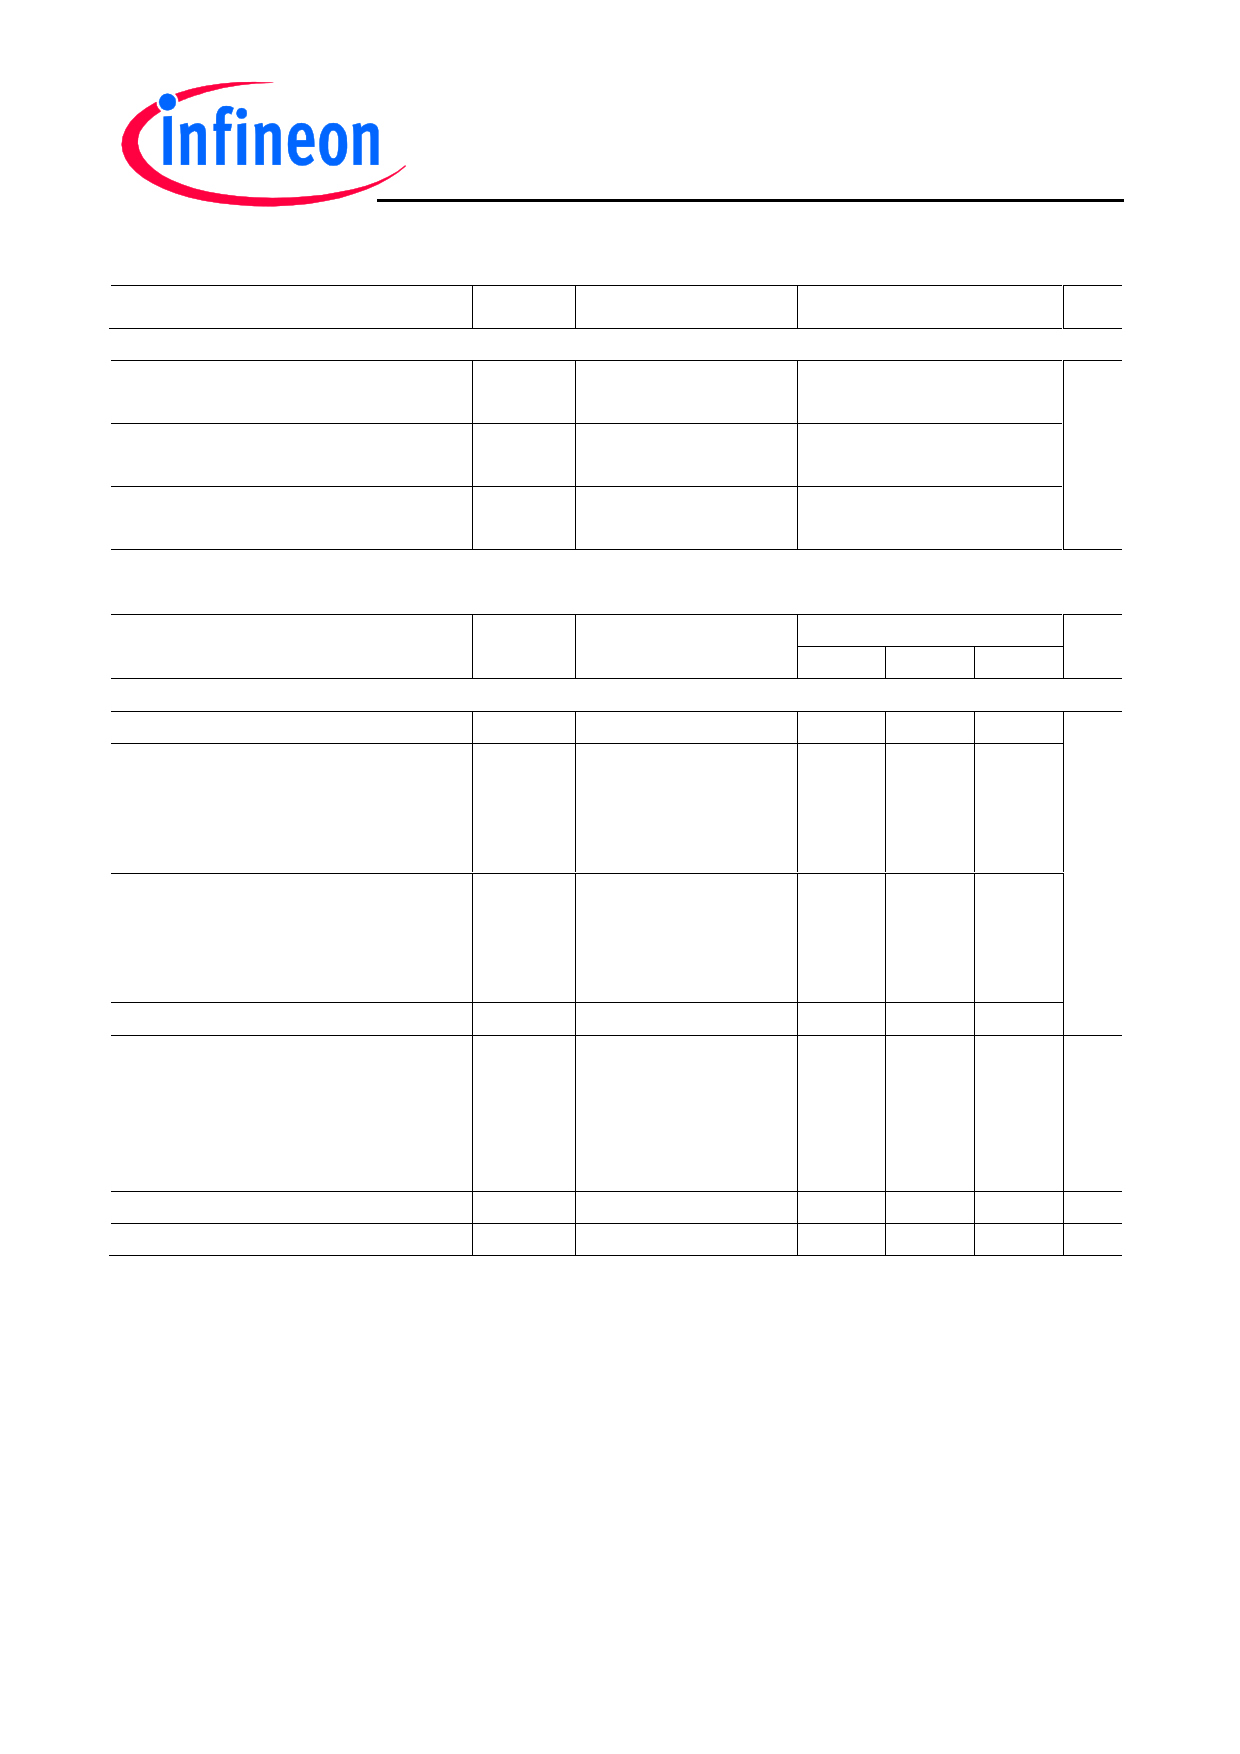 K40T1202 pdf pinout